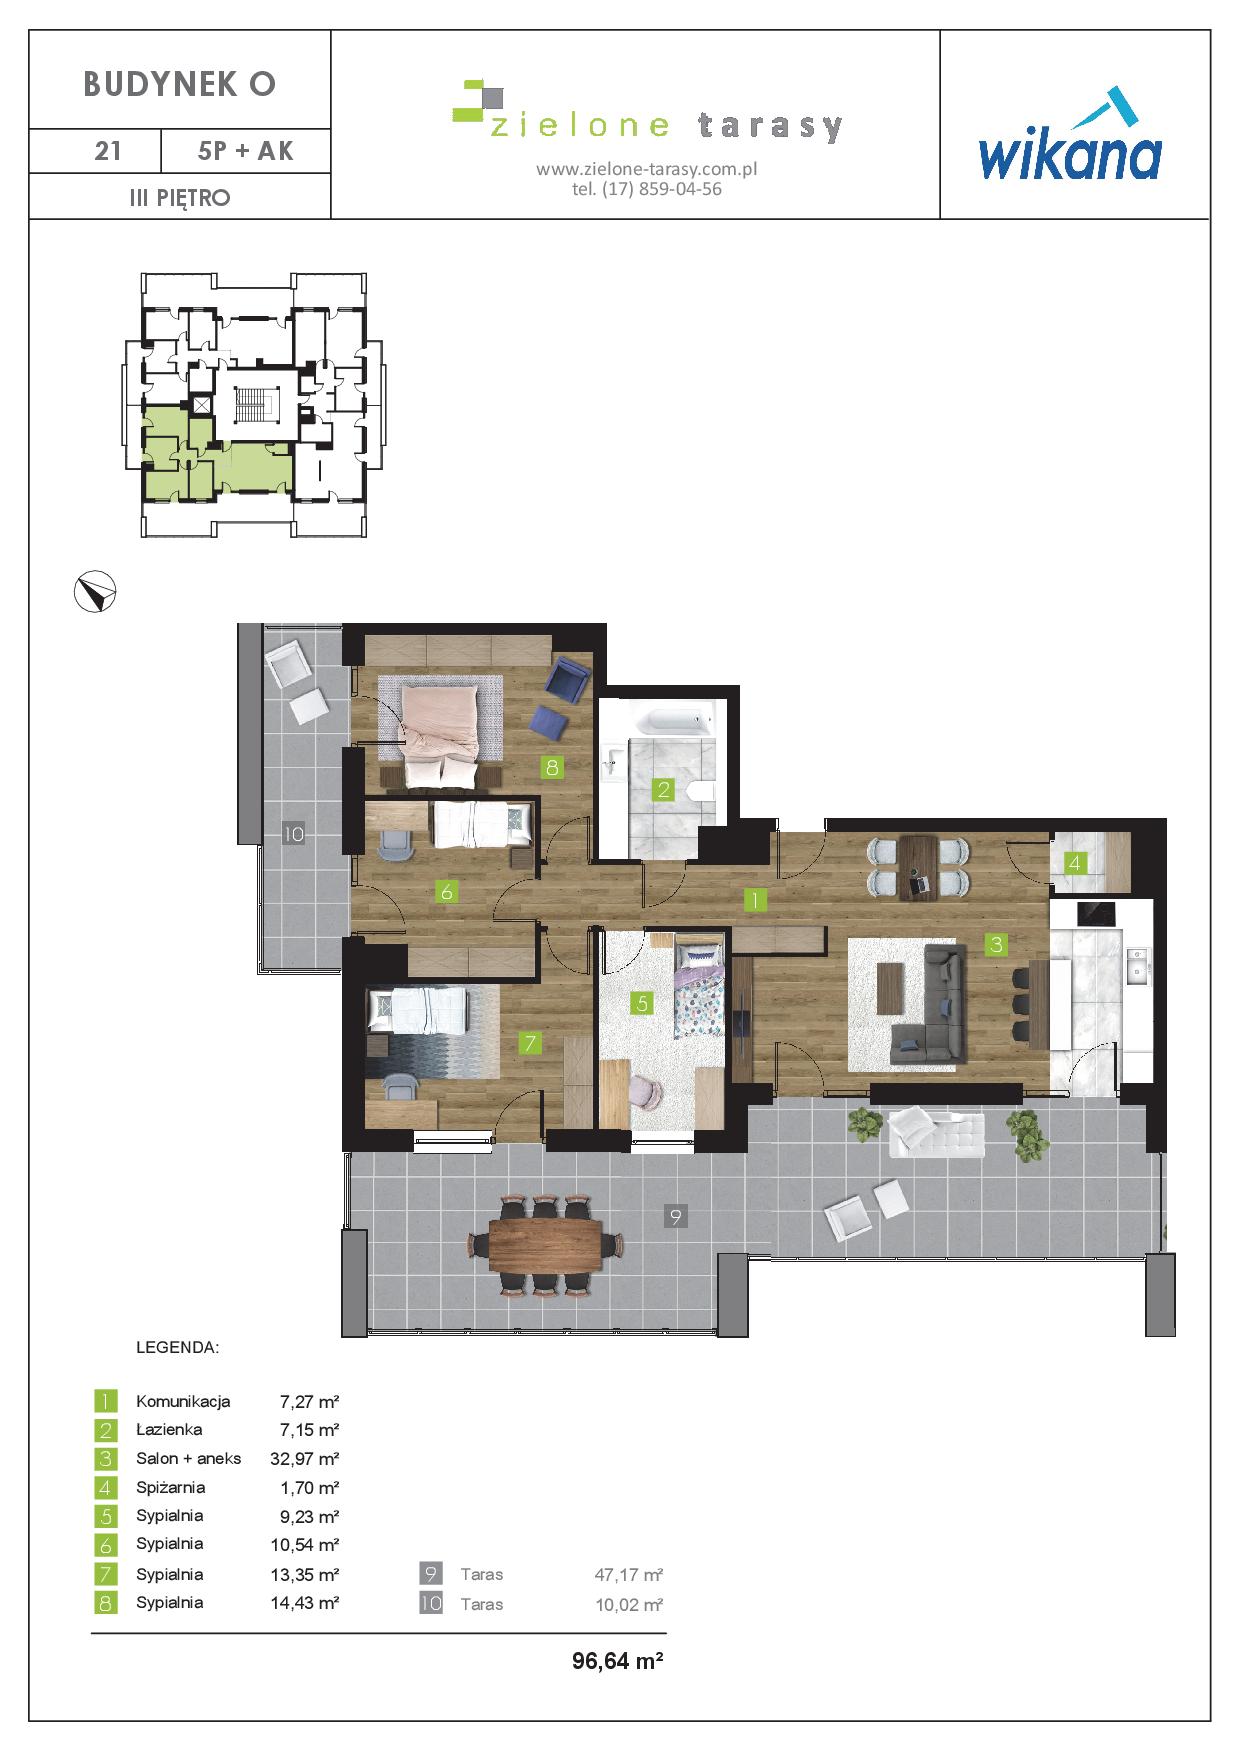 sprzedaż mieszkań rzeszów - O-21